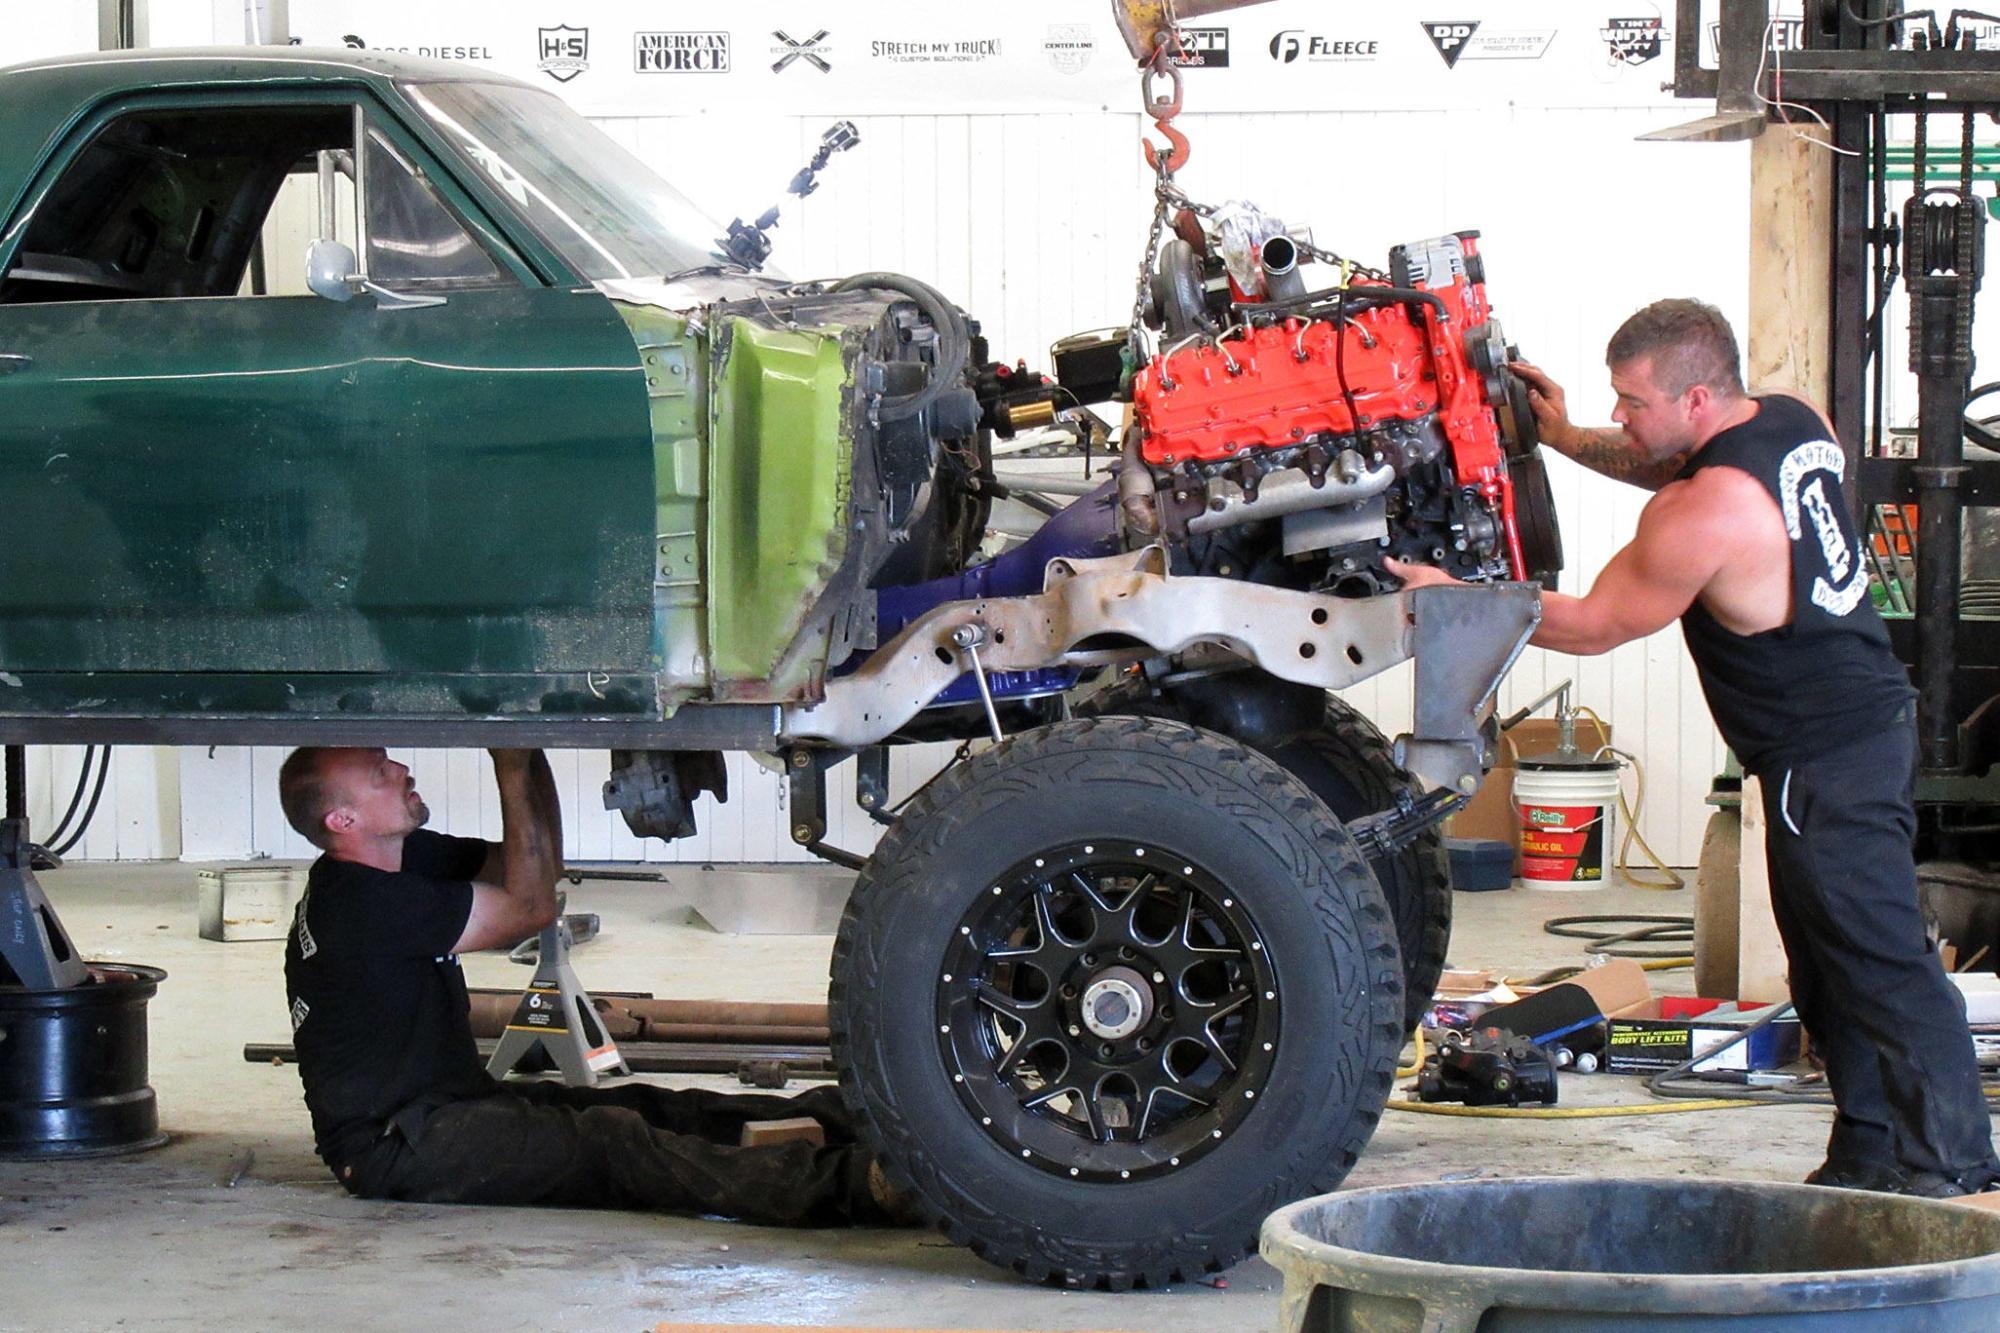 hight resolution of diesel brothers gallery ep101 03 jpg